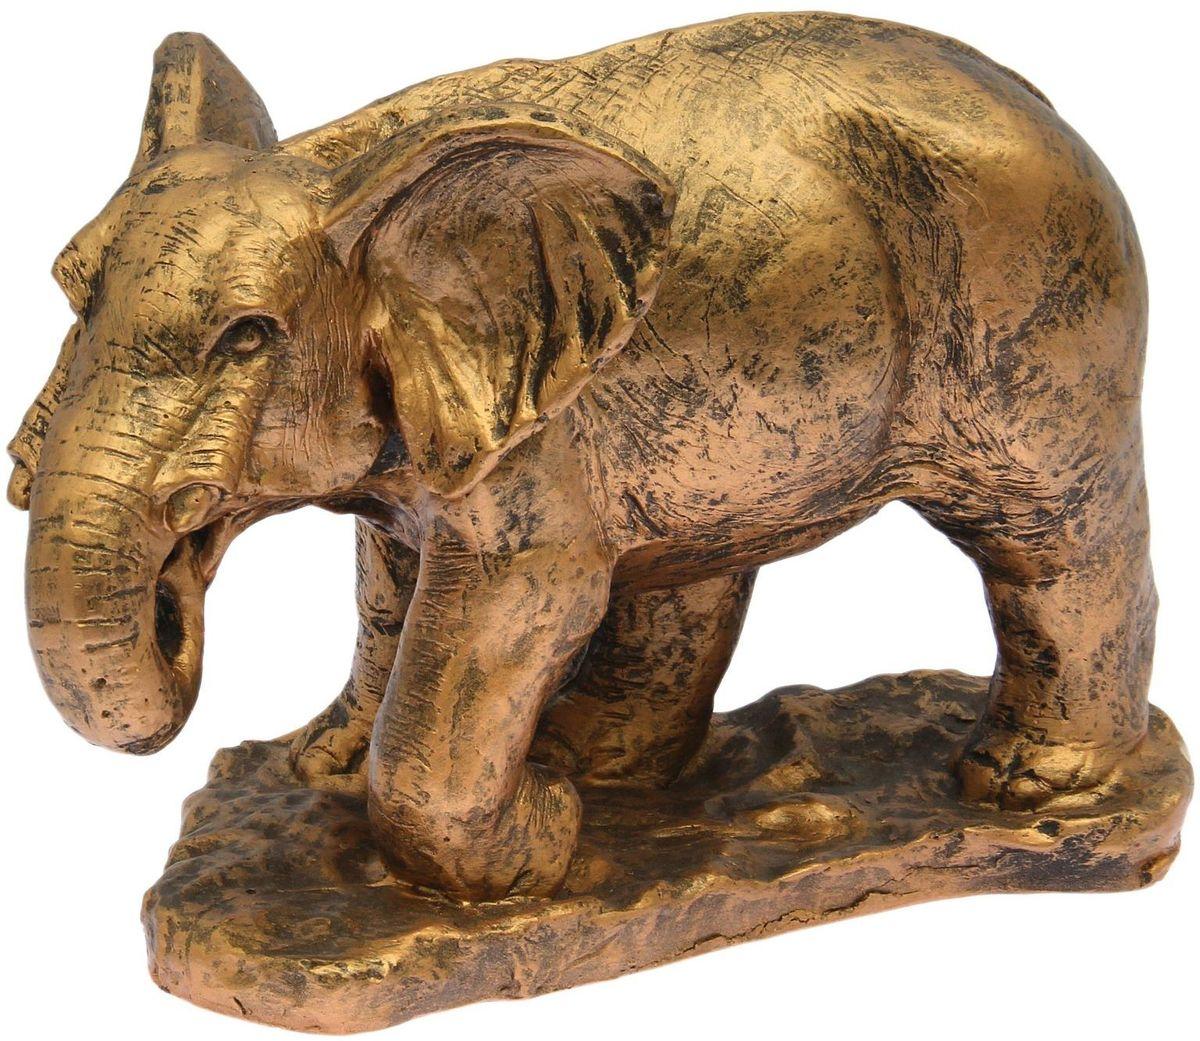 Фигура садовая Слон, цвет: бронзовый, 52 х 25 х 33 см1684904Летом практически каждая семья стремится проводить больше времени за городом. Прекрасный выбор для комфортного отдыха и эффективного труда на даче, который будет радовать вас достойным качеством.